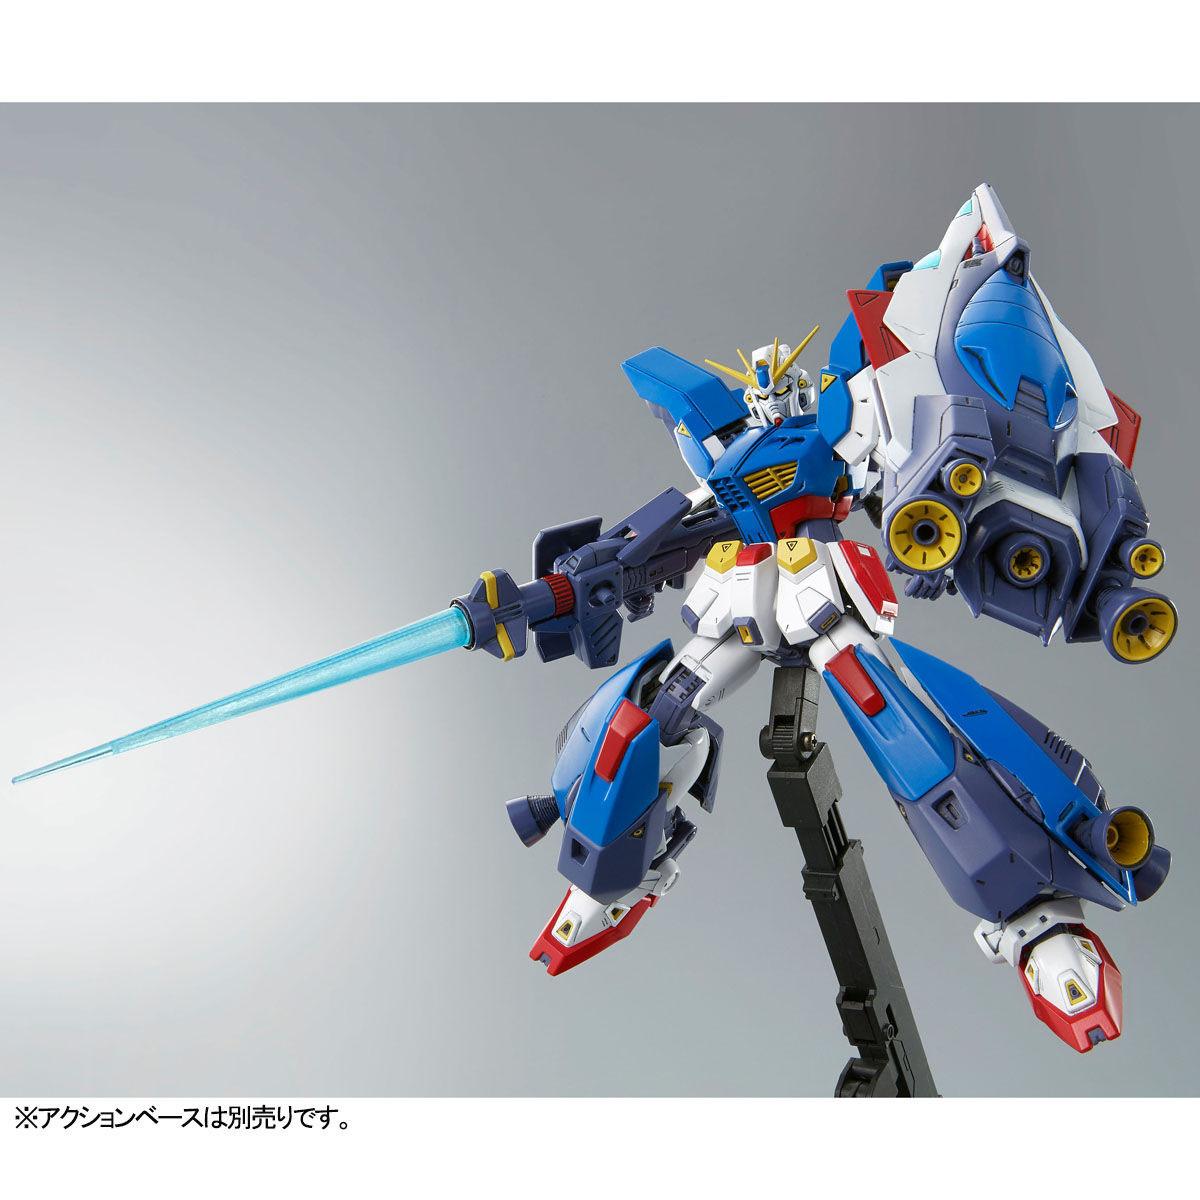 【限定販売】MG 1/100『ガンダムF90II Iタイプ』プラモデル-004